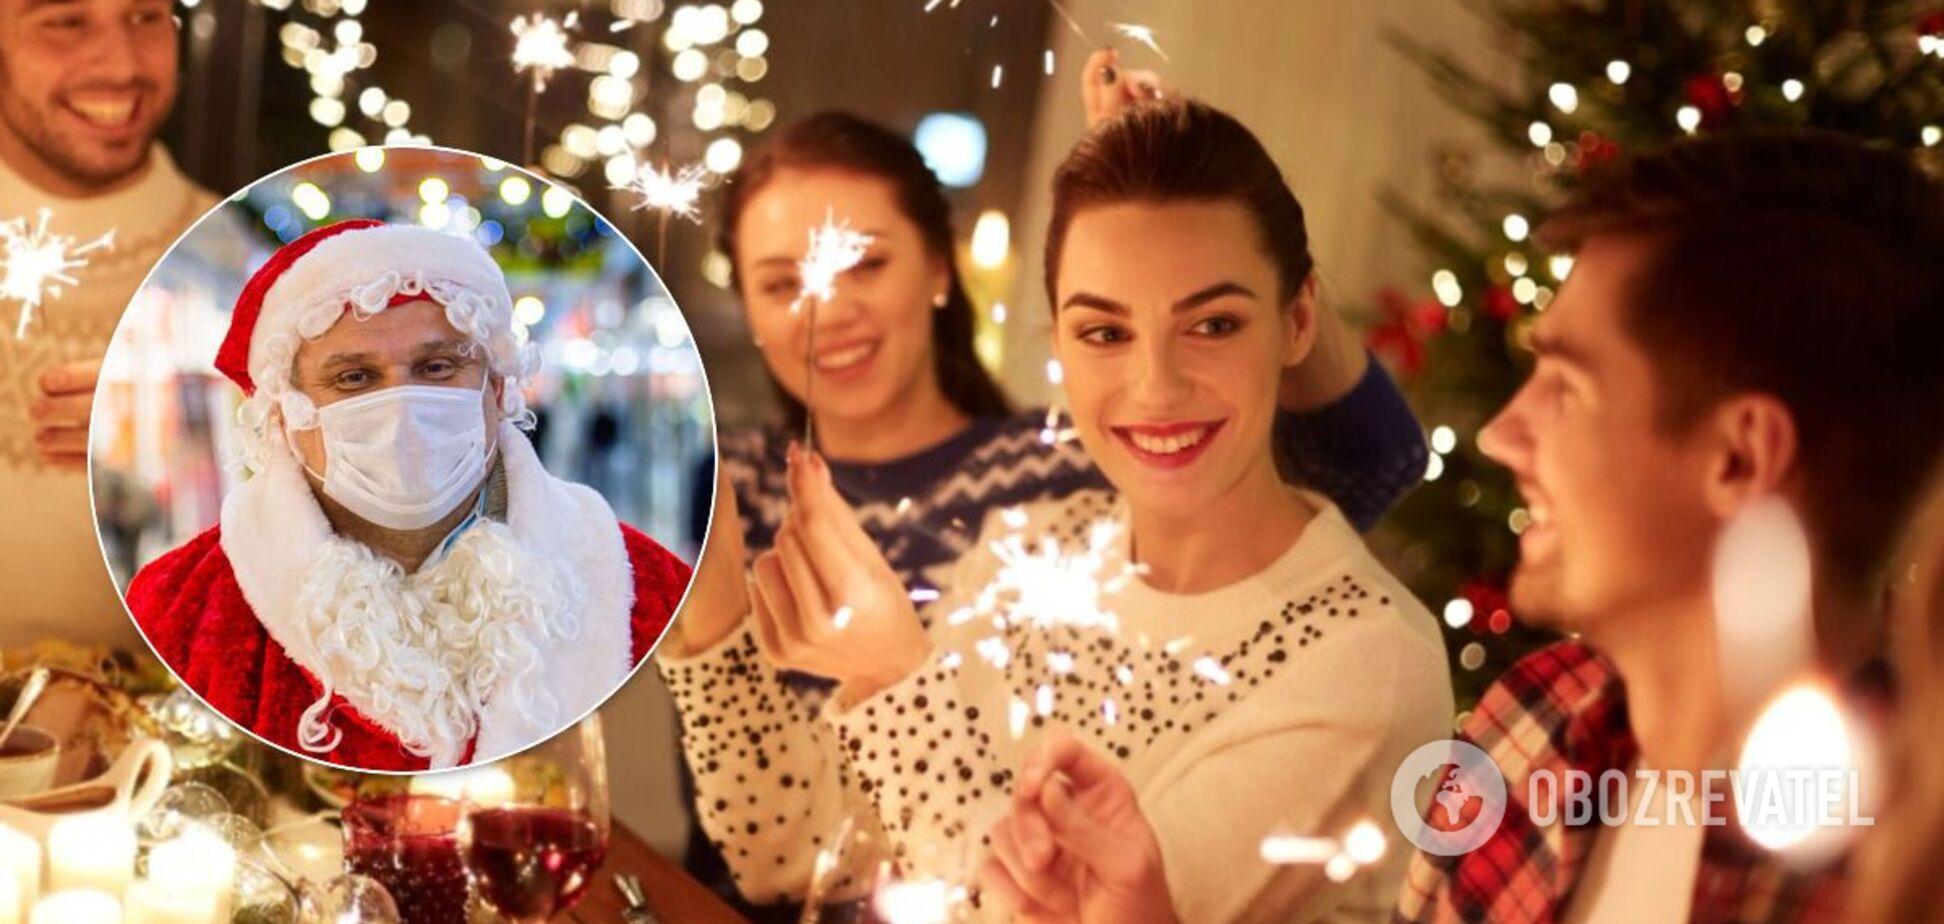 Лікарка закликала українців не святкувати Новий рік так, як Миколая